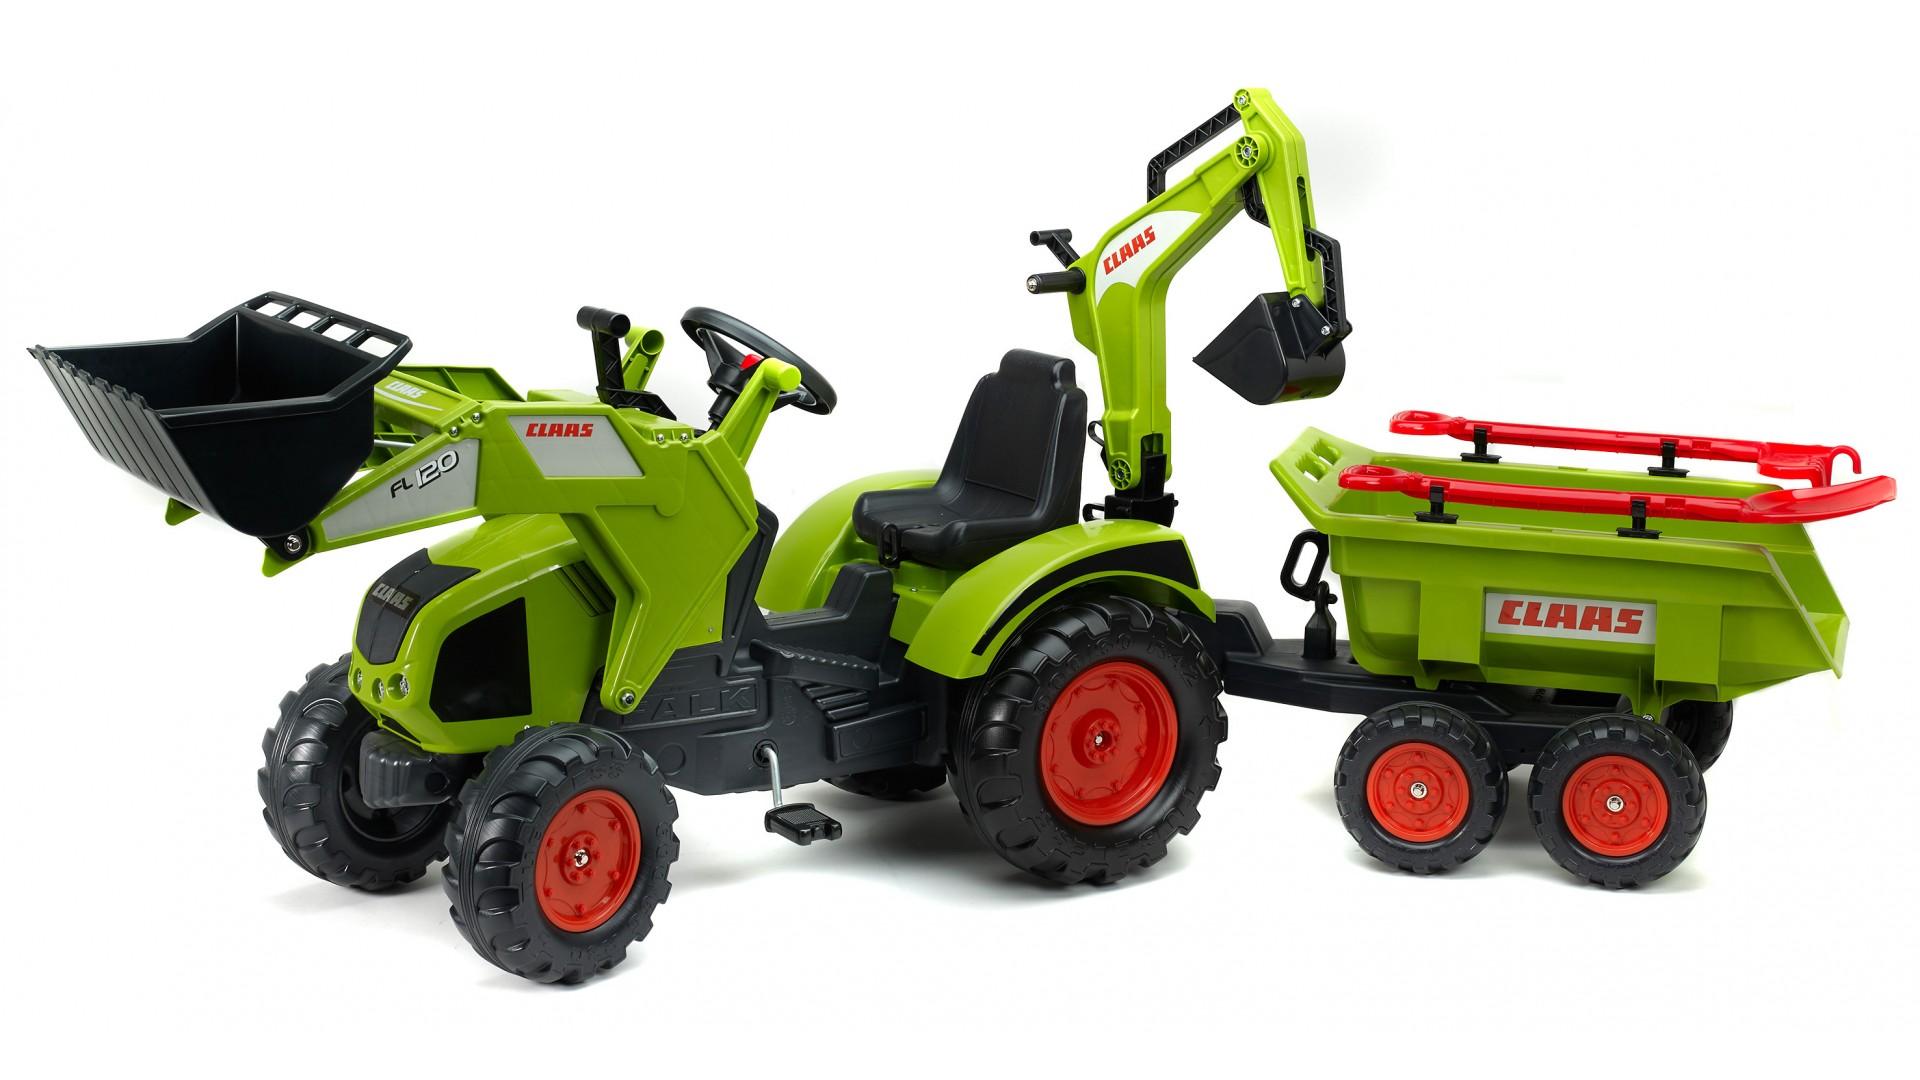 Педальный трактор-экскаватор с прицепом, черно-салатовый, 230 смПедальные машины и трактора<br>Педальный трактор-экскаватор с прицепом, черно-салатовый, 230 см<br>